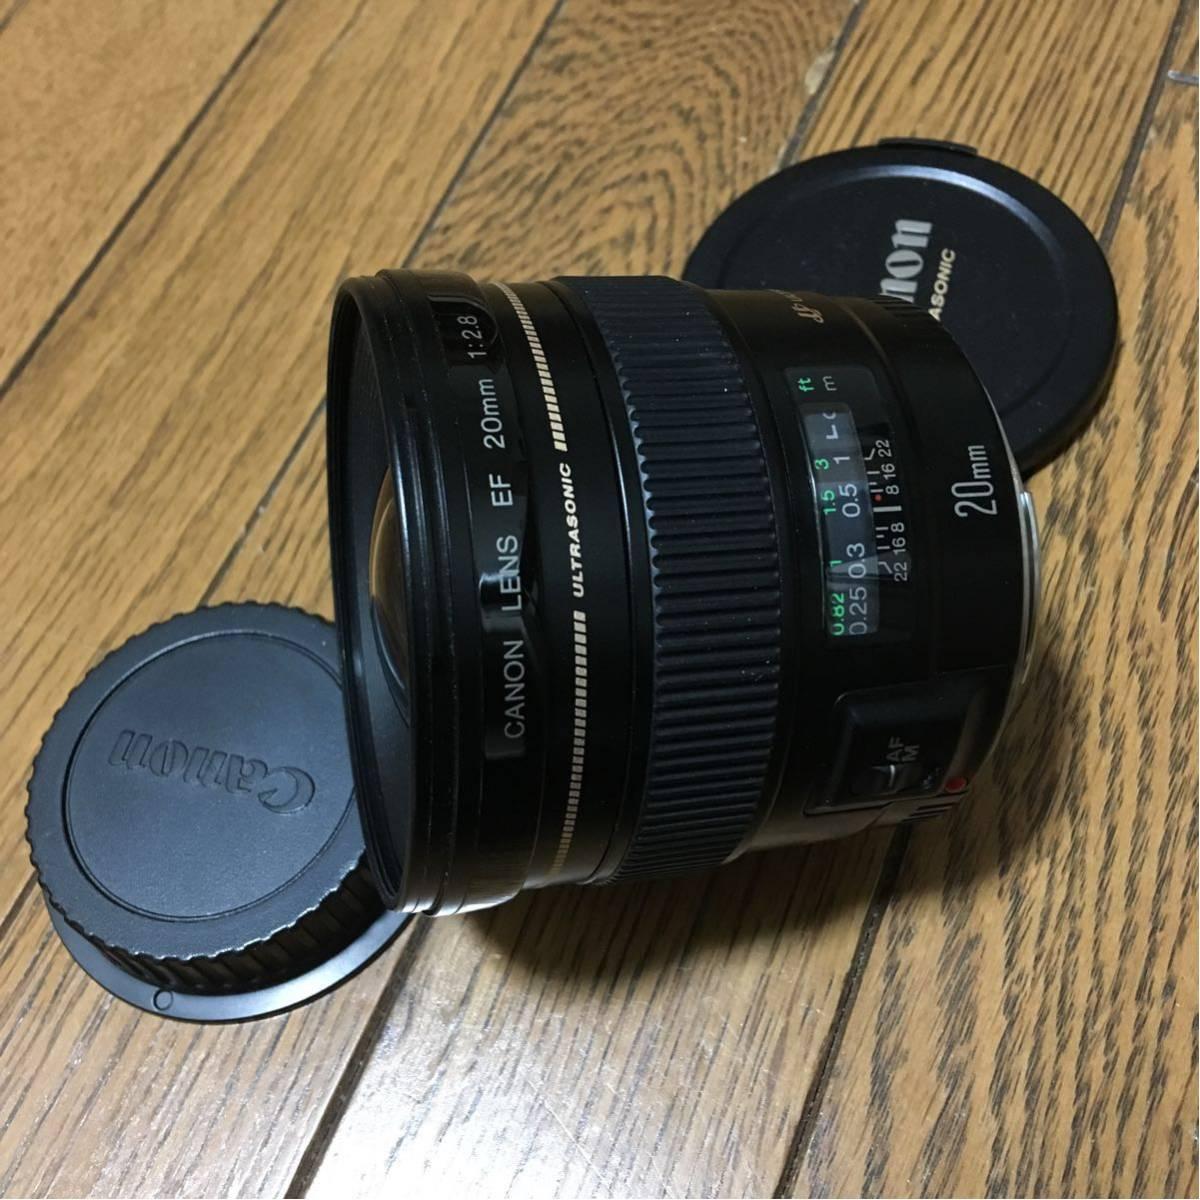 Canon LENS EF 20mm 1:2.8 ULTRASONIC USM 動作も写りもOKです。 わりとキレイです。前後キャップ付きです。